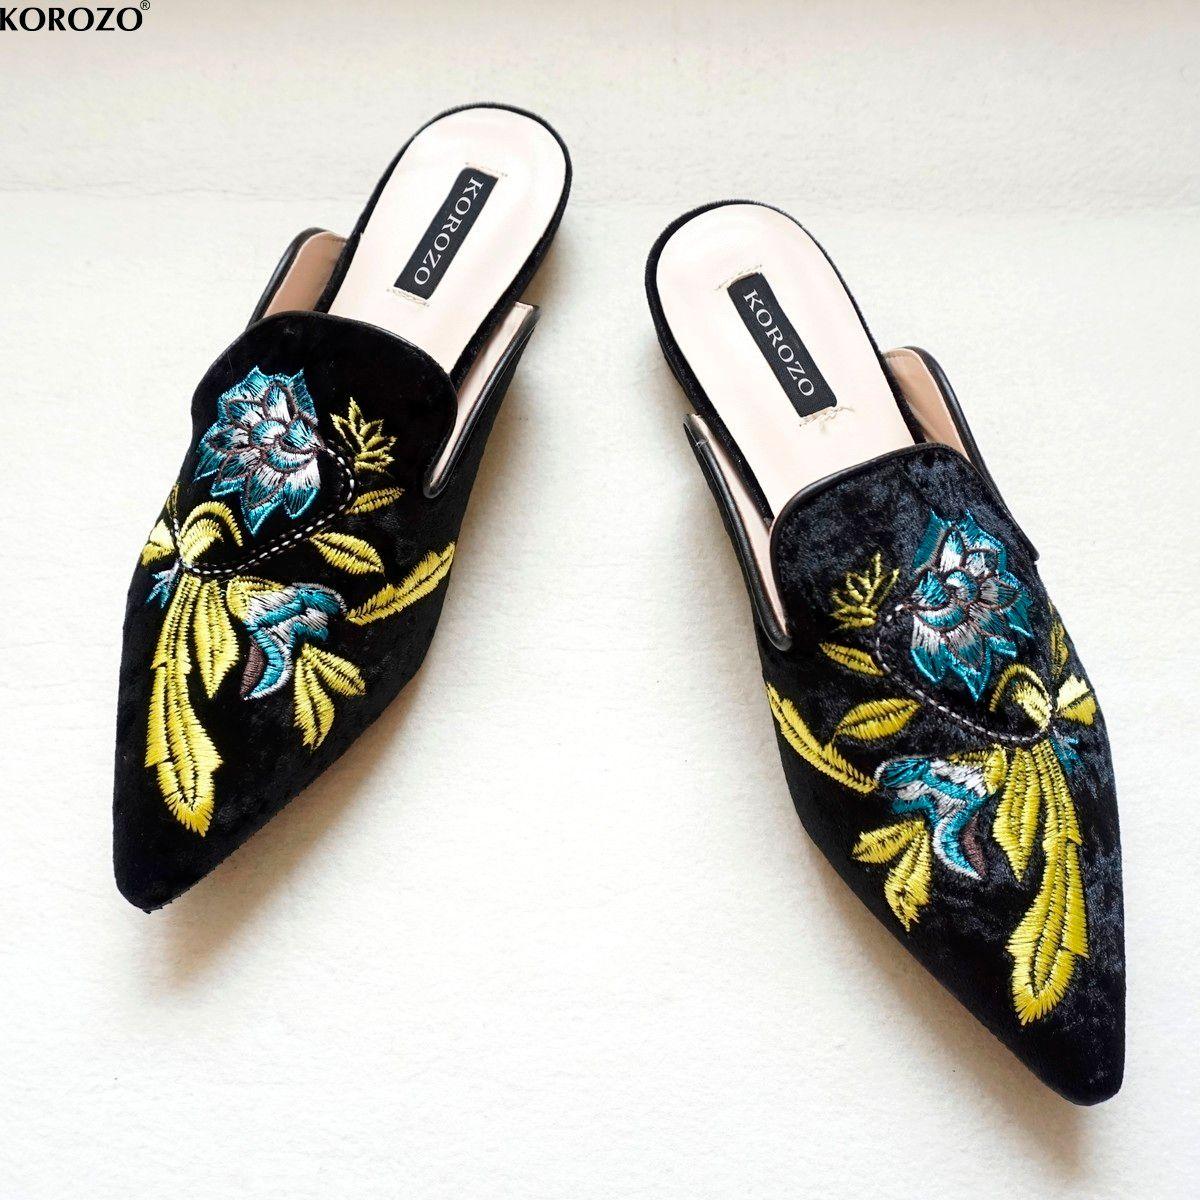 2018 Femmes Broderie Velet Mules Diapositives Chiara Ferragni Robe Pantoufle 1.5 cm Talon Flip Flops Slipony Glissement Sur des Sandales Chaussures